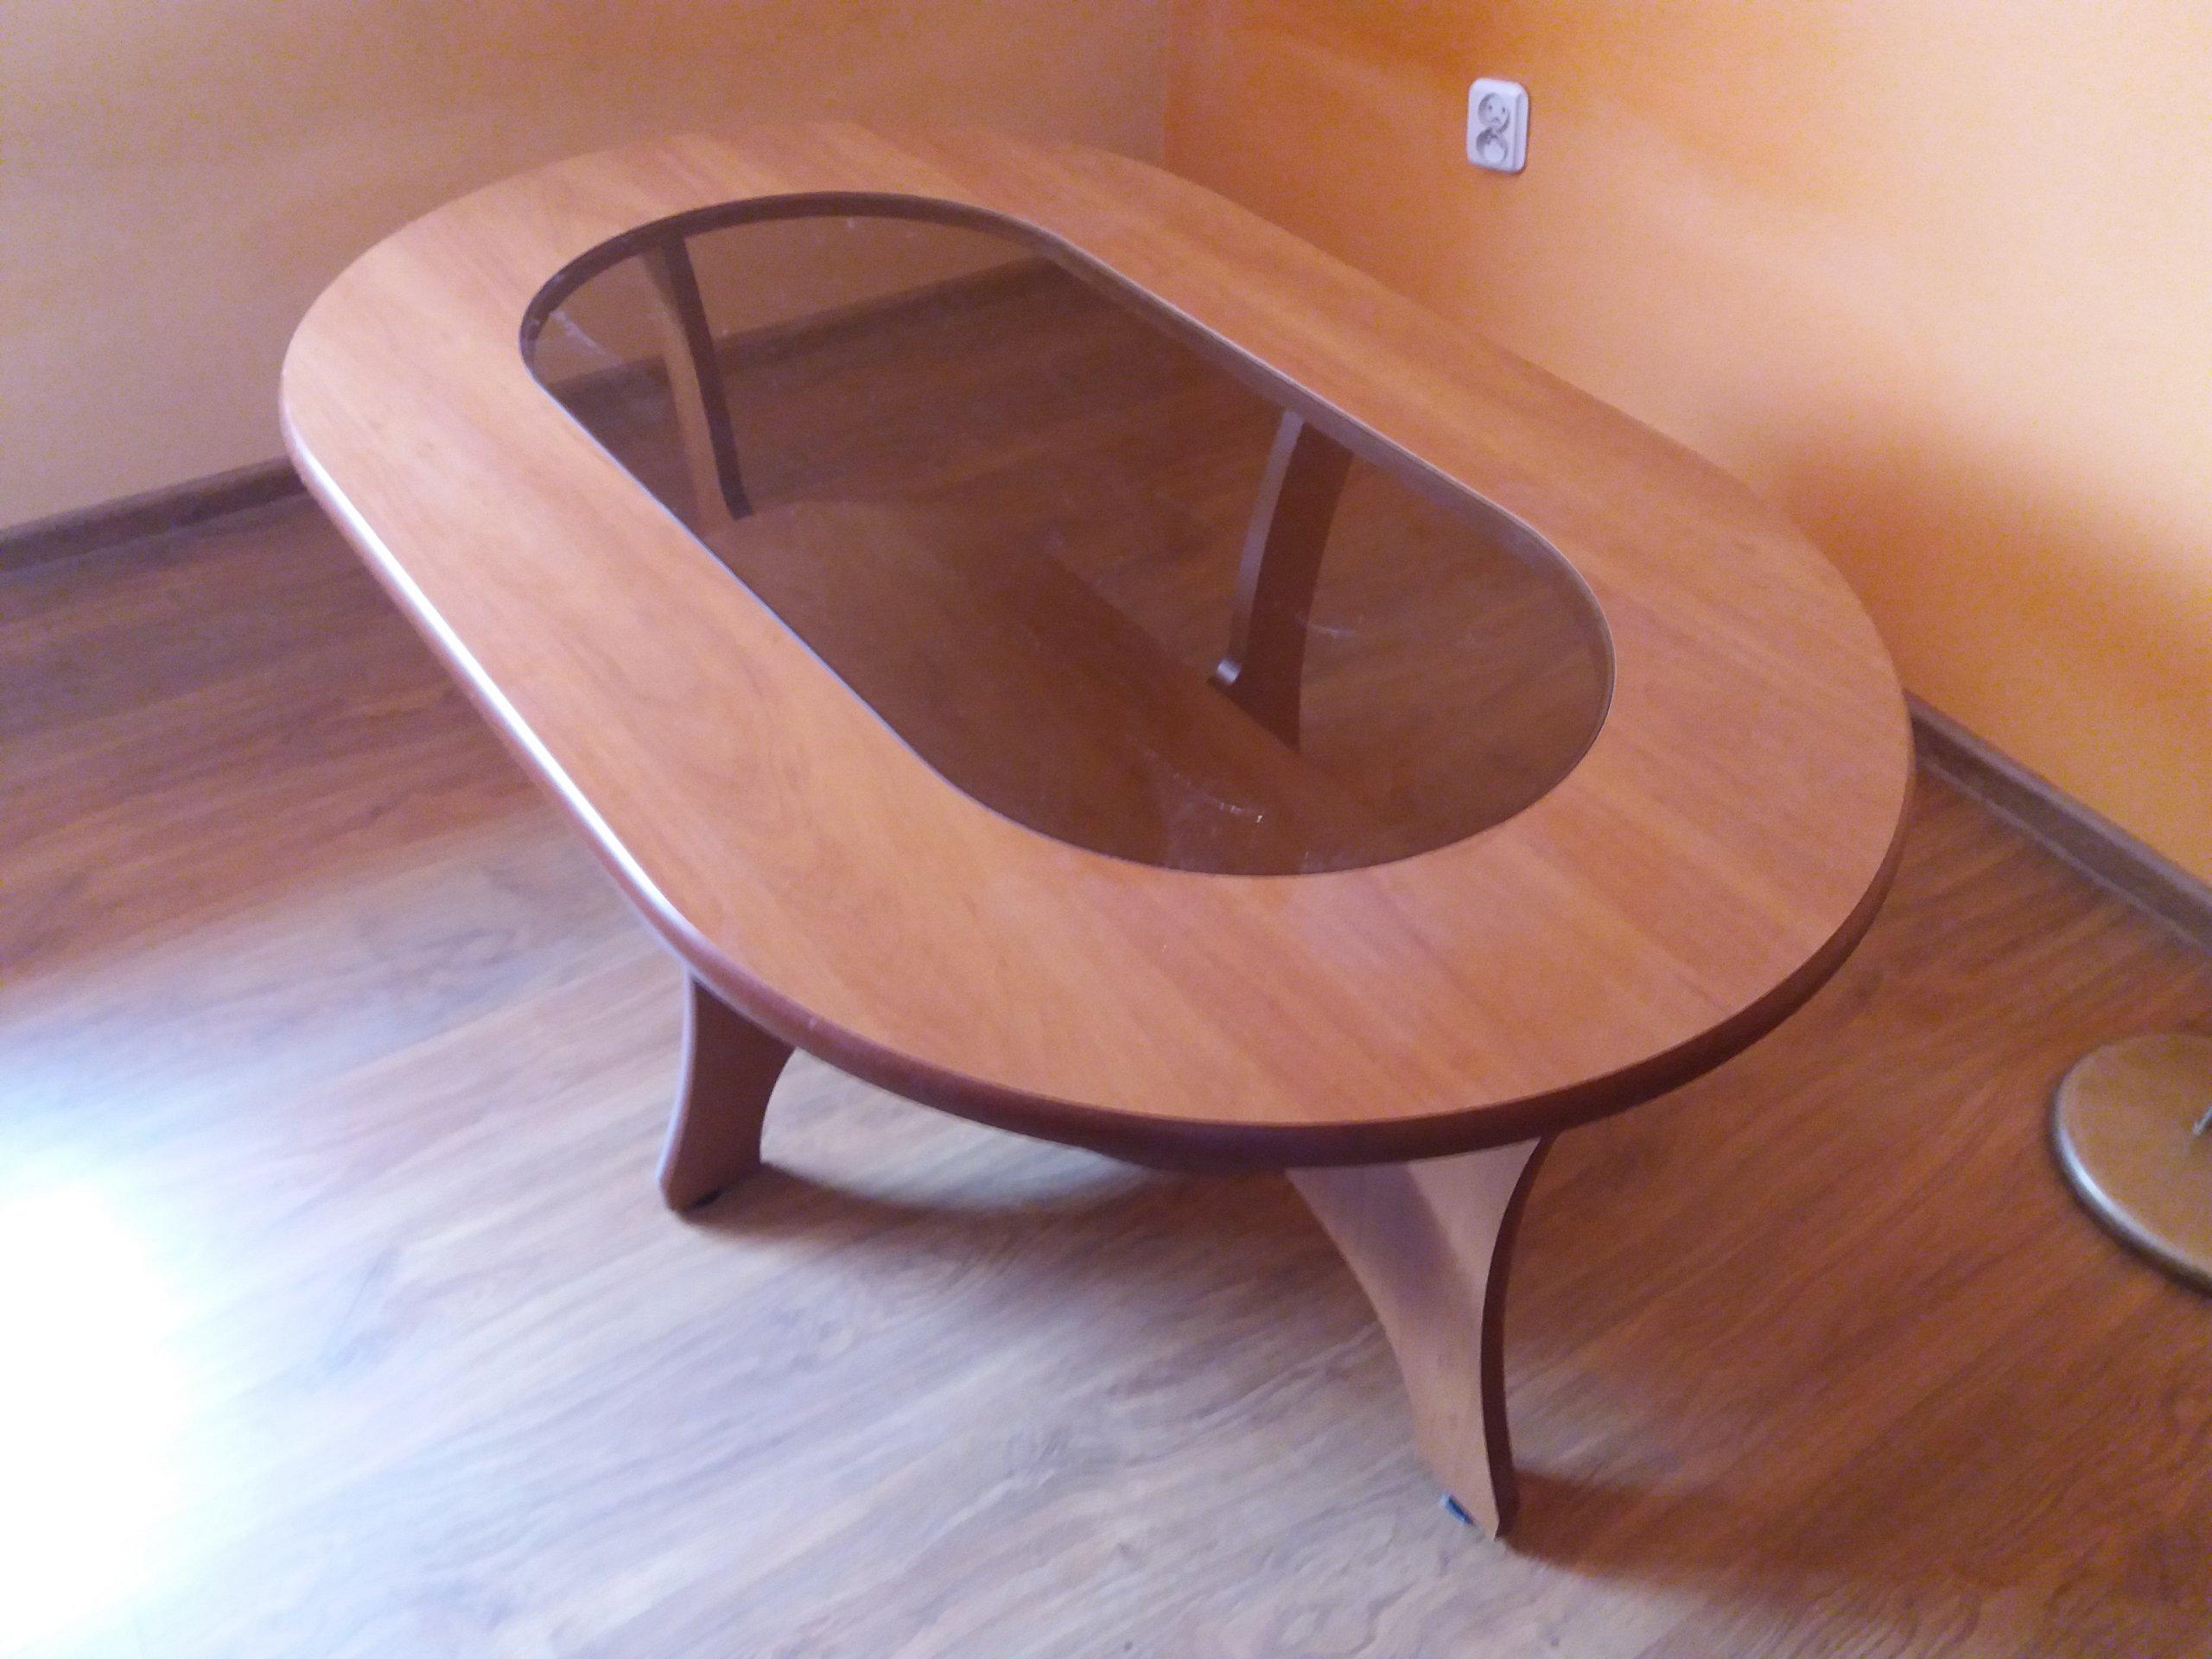 Chwalebne Ława okrągła, stolik kawowy, brązowy ze szkłem - 7299709846 HM21